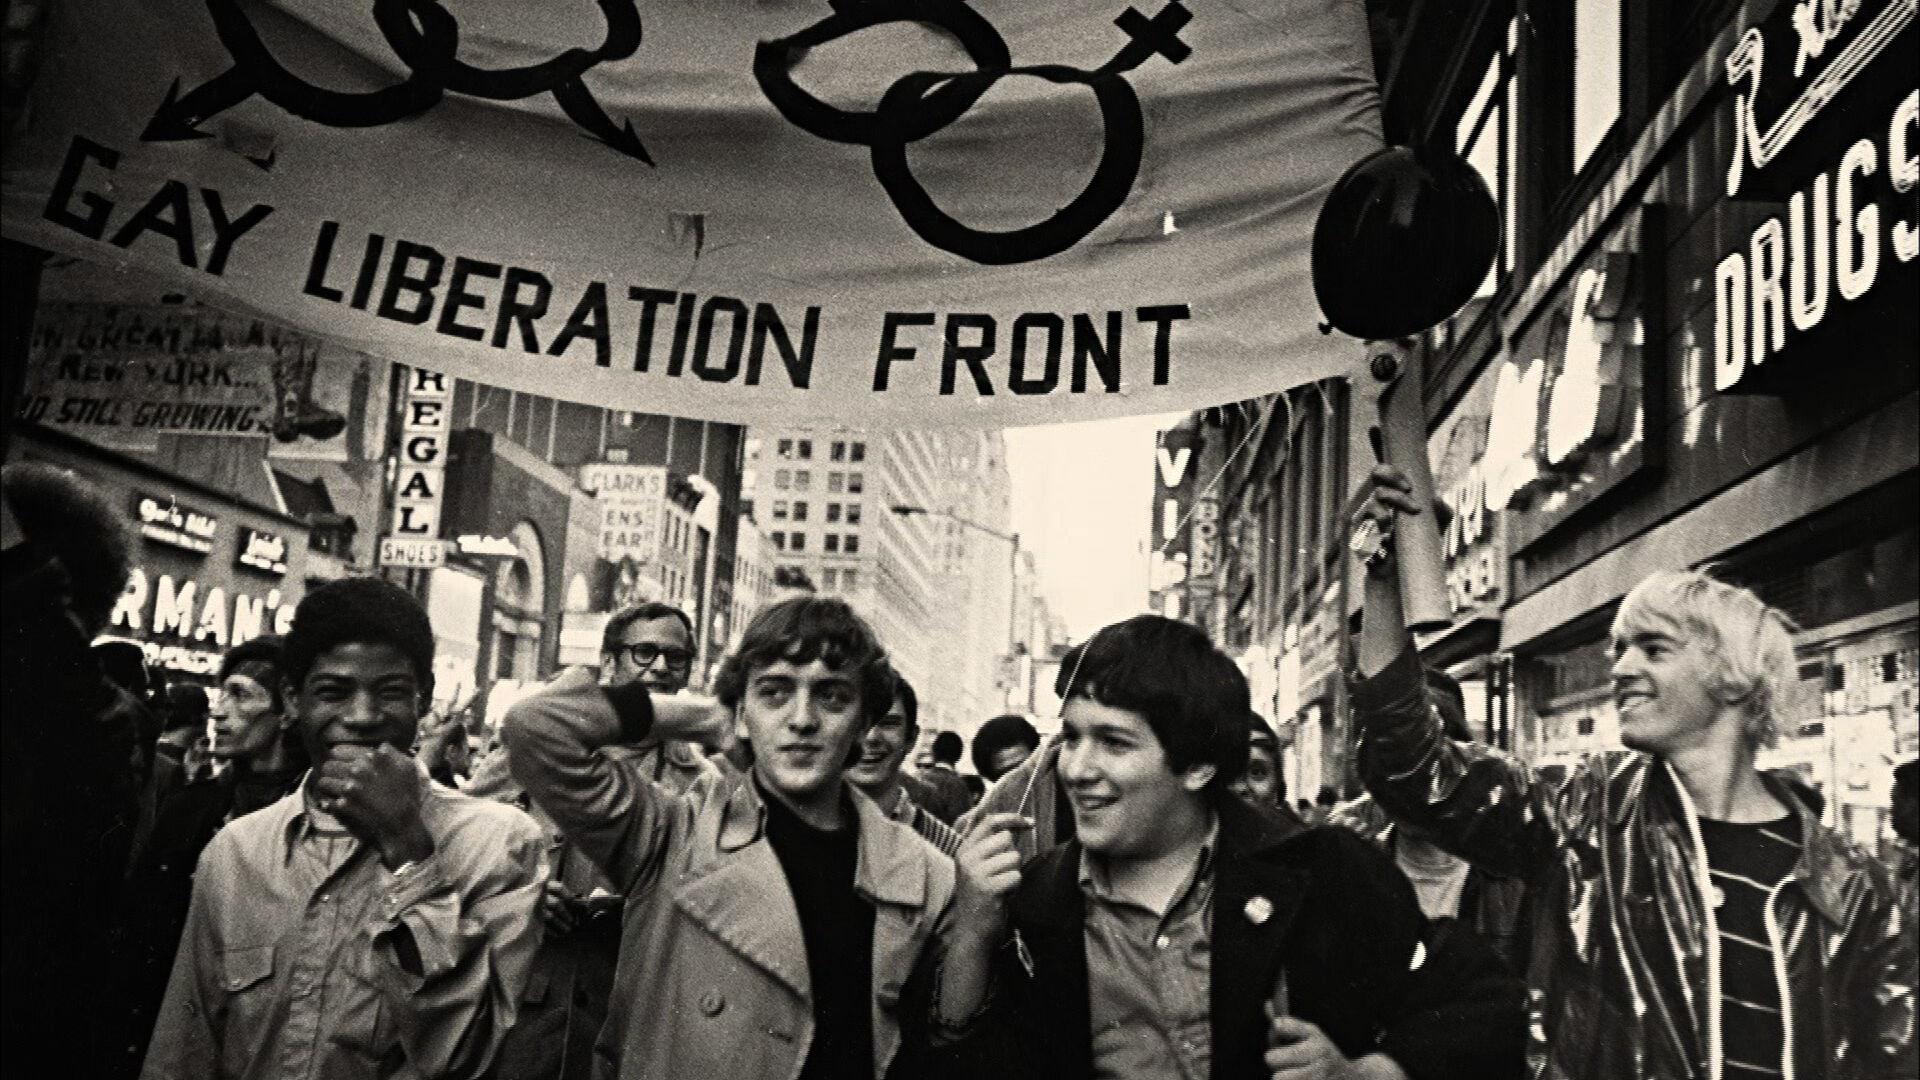 gay liberation front lmbtq stonewall lázadás